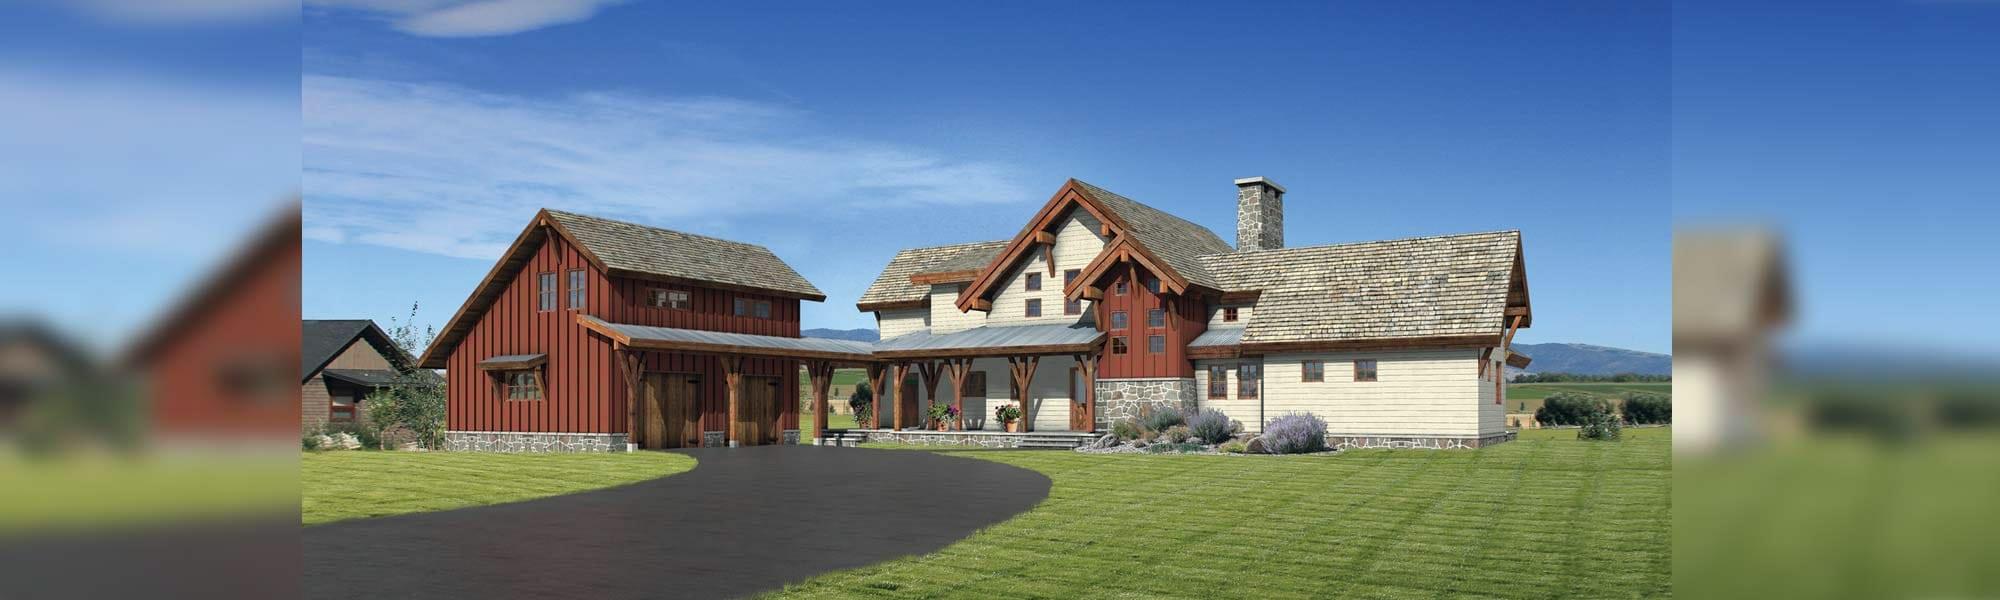 asheville barn home floor plan